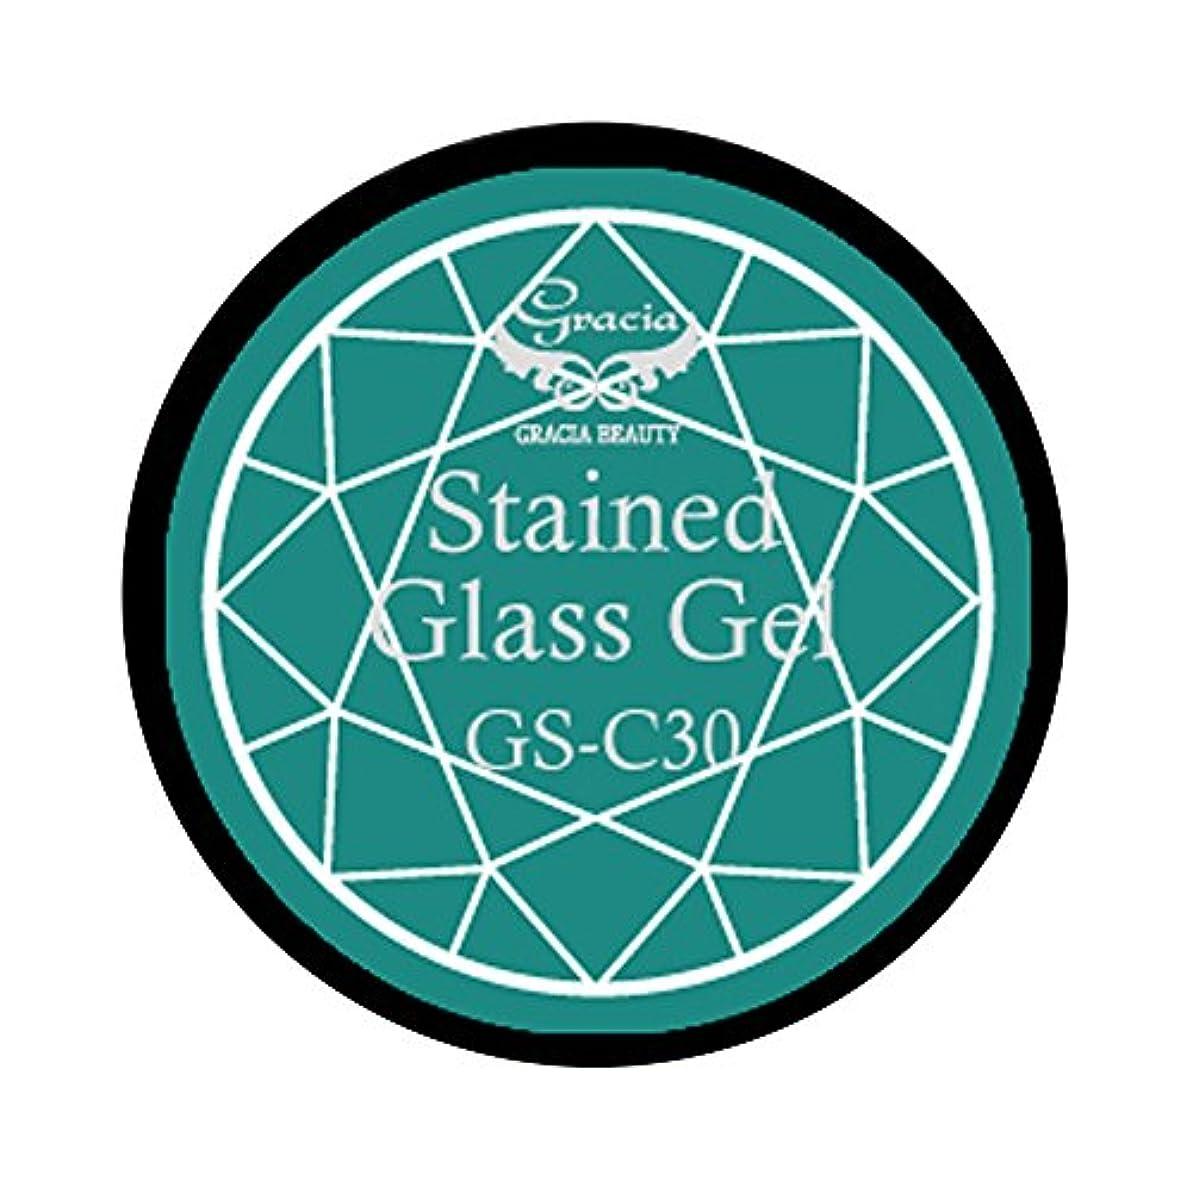 喜んでまばたき議会グラシア ジェルネイル ステンドグラスジェル GSM-C30 3g  クリア UV/LED対応 カラージェル ソークオフジェル ガラスのような透明感